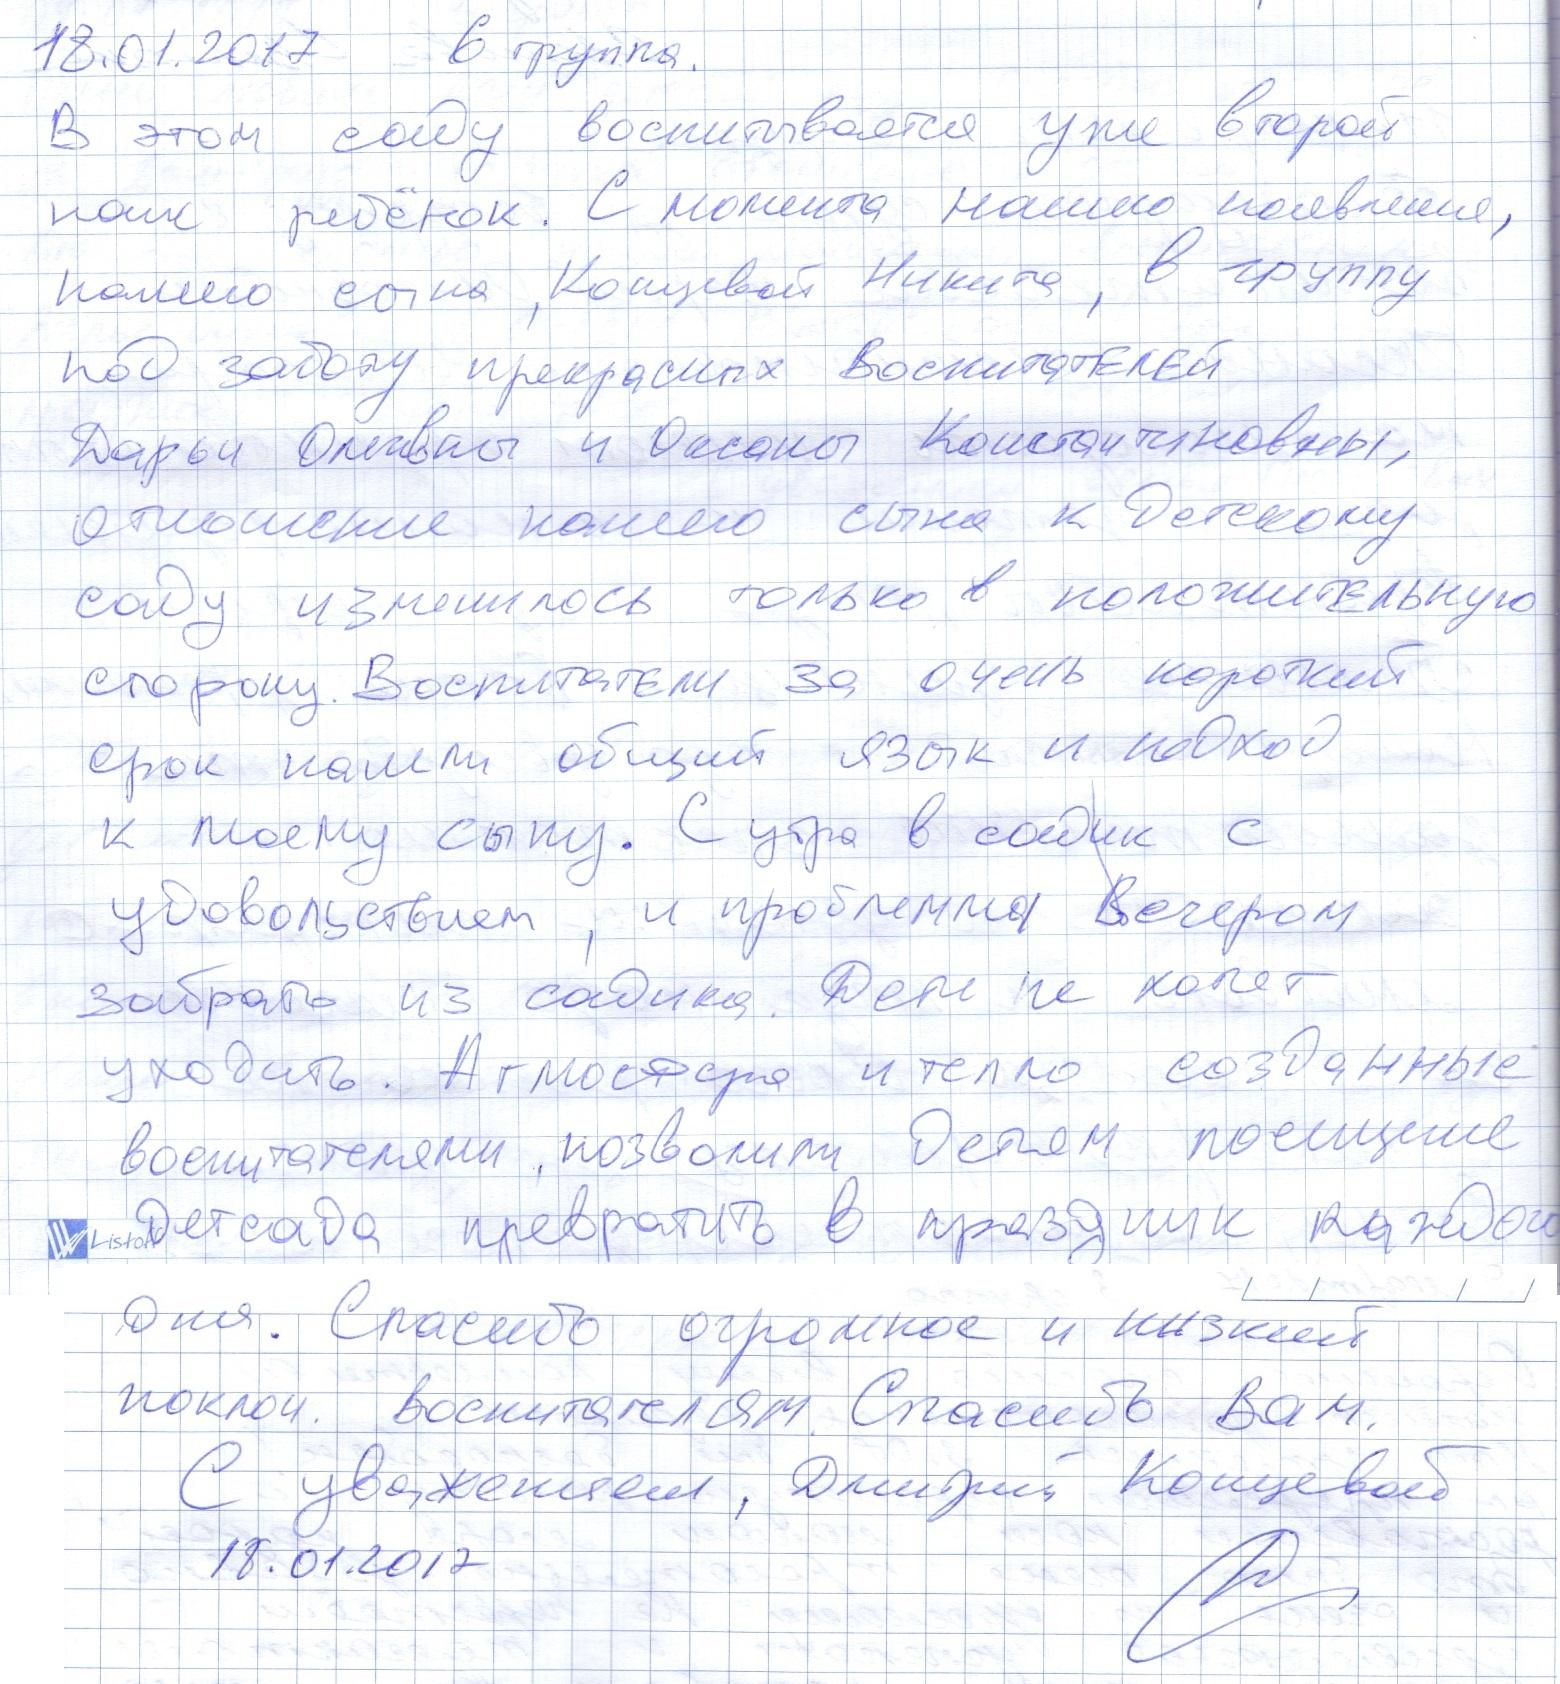 Благодарна судьбе за встречу с воспитателямт Дарьей Олеговной и Оксаной Константиновной